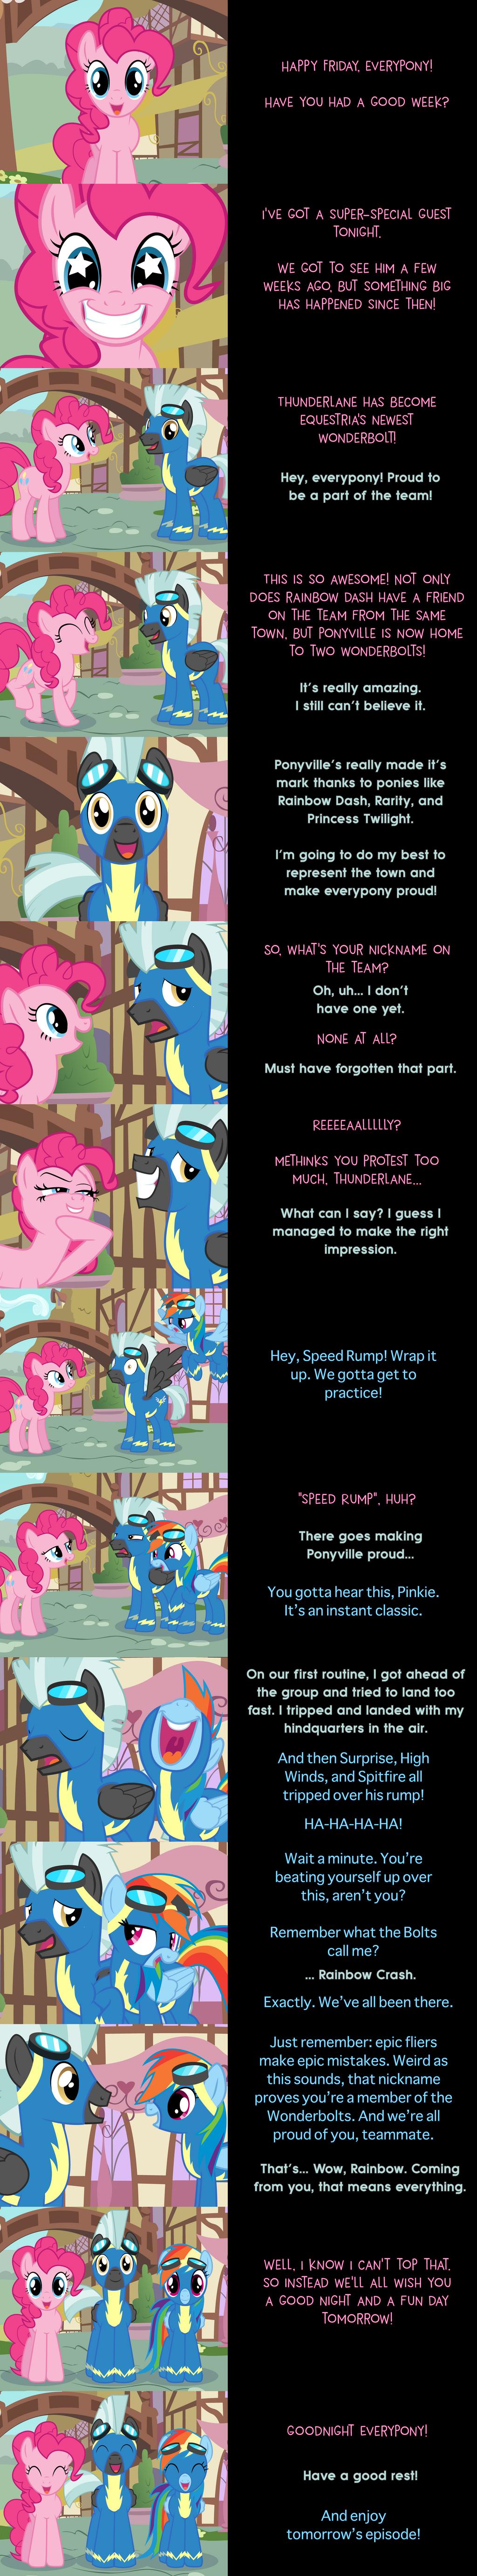 Pinkie Pie Says Goodnight: Wonder Blunder